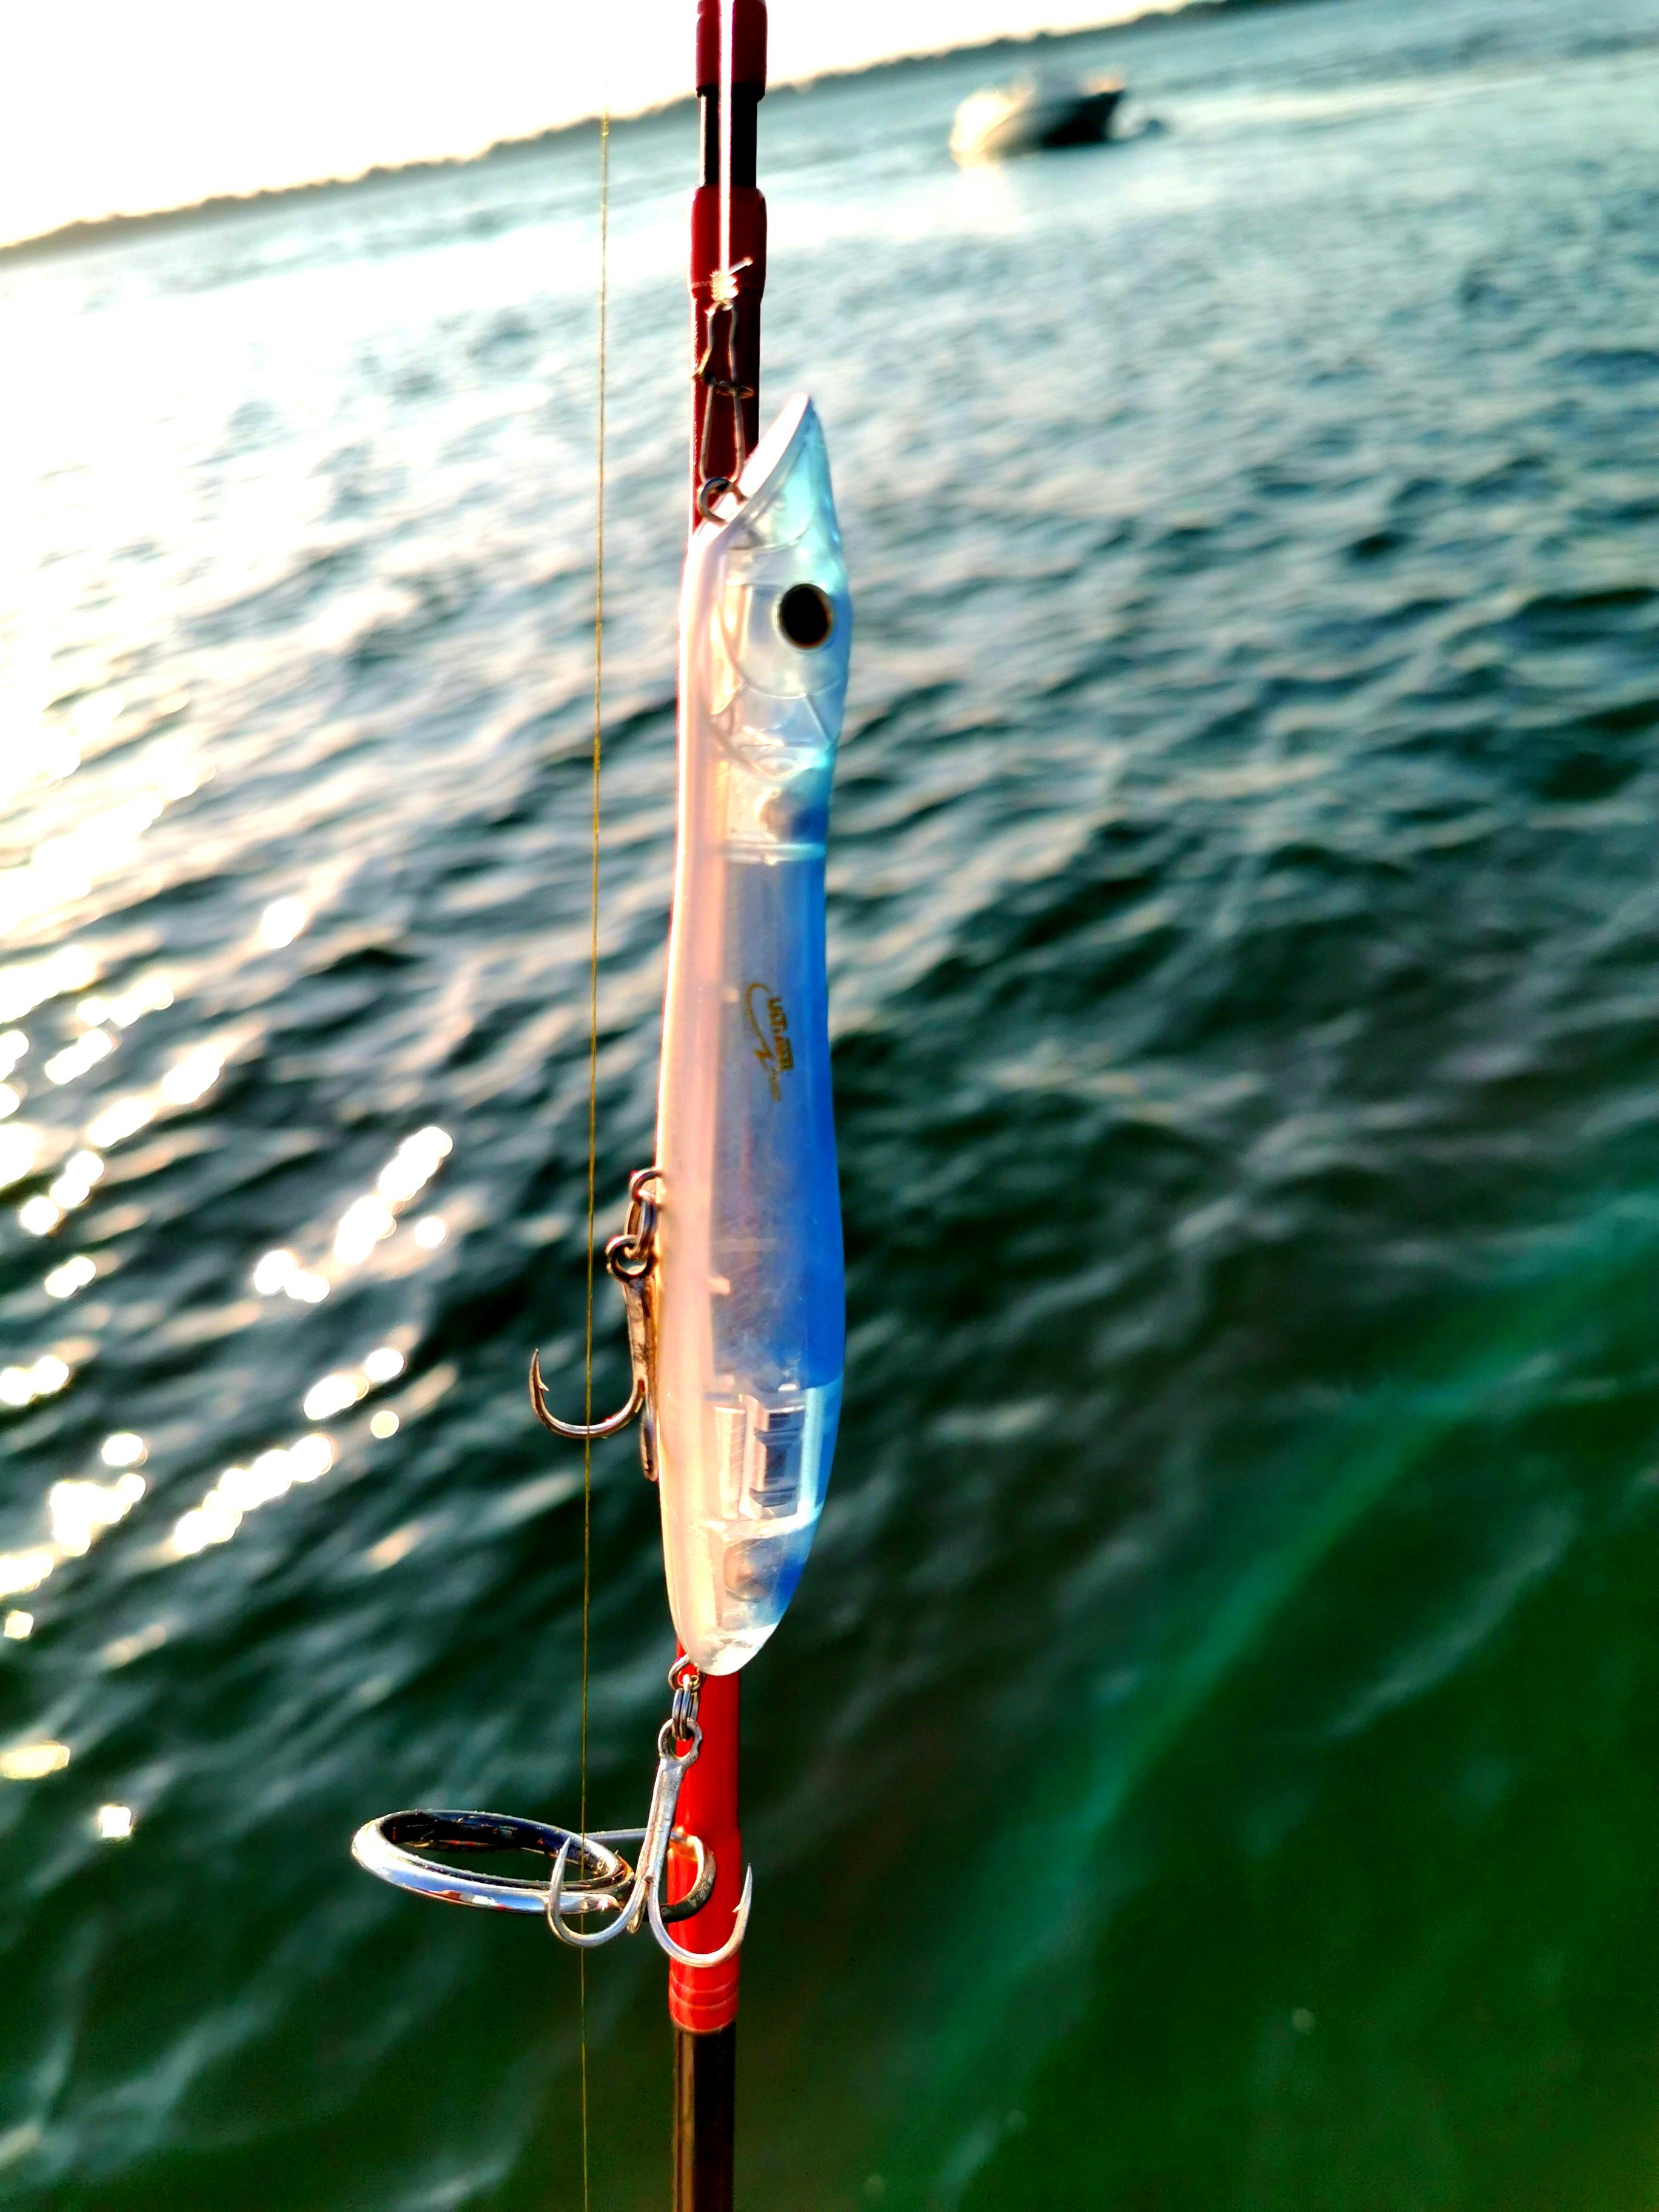 Bilan de la saison 2019 dans le Golfe du Morbihan. Pêche du bar au leurre de surface. Pierre-Yves Perrodo Ultimate fishing